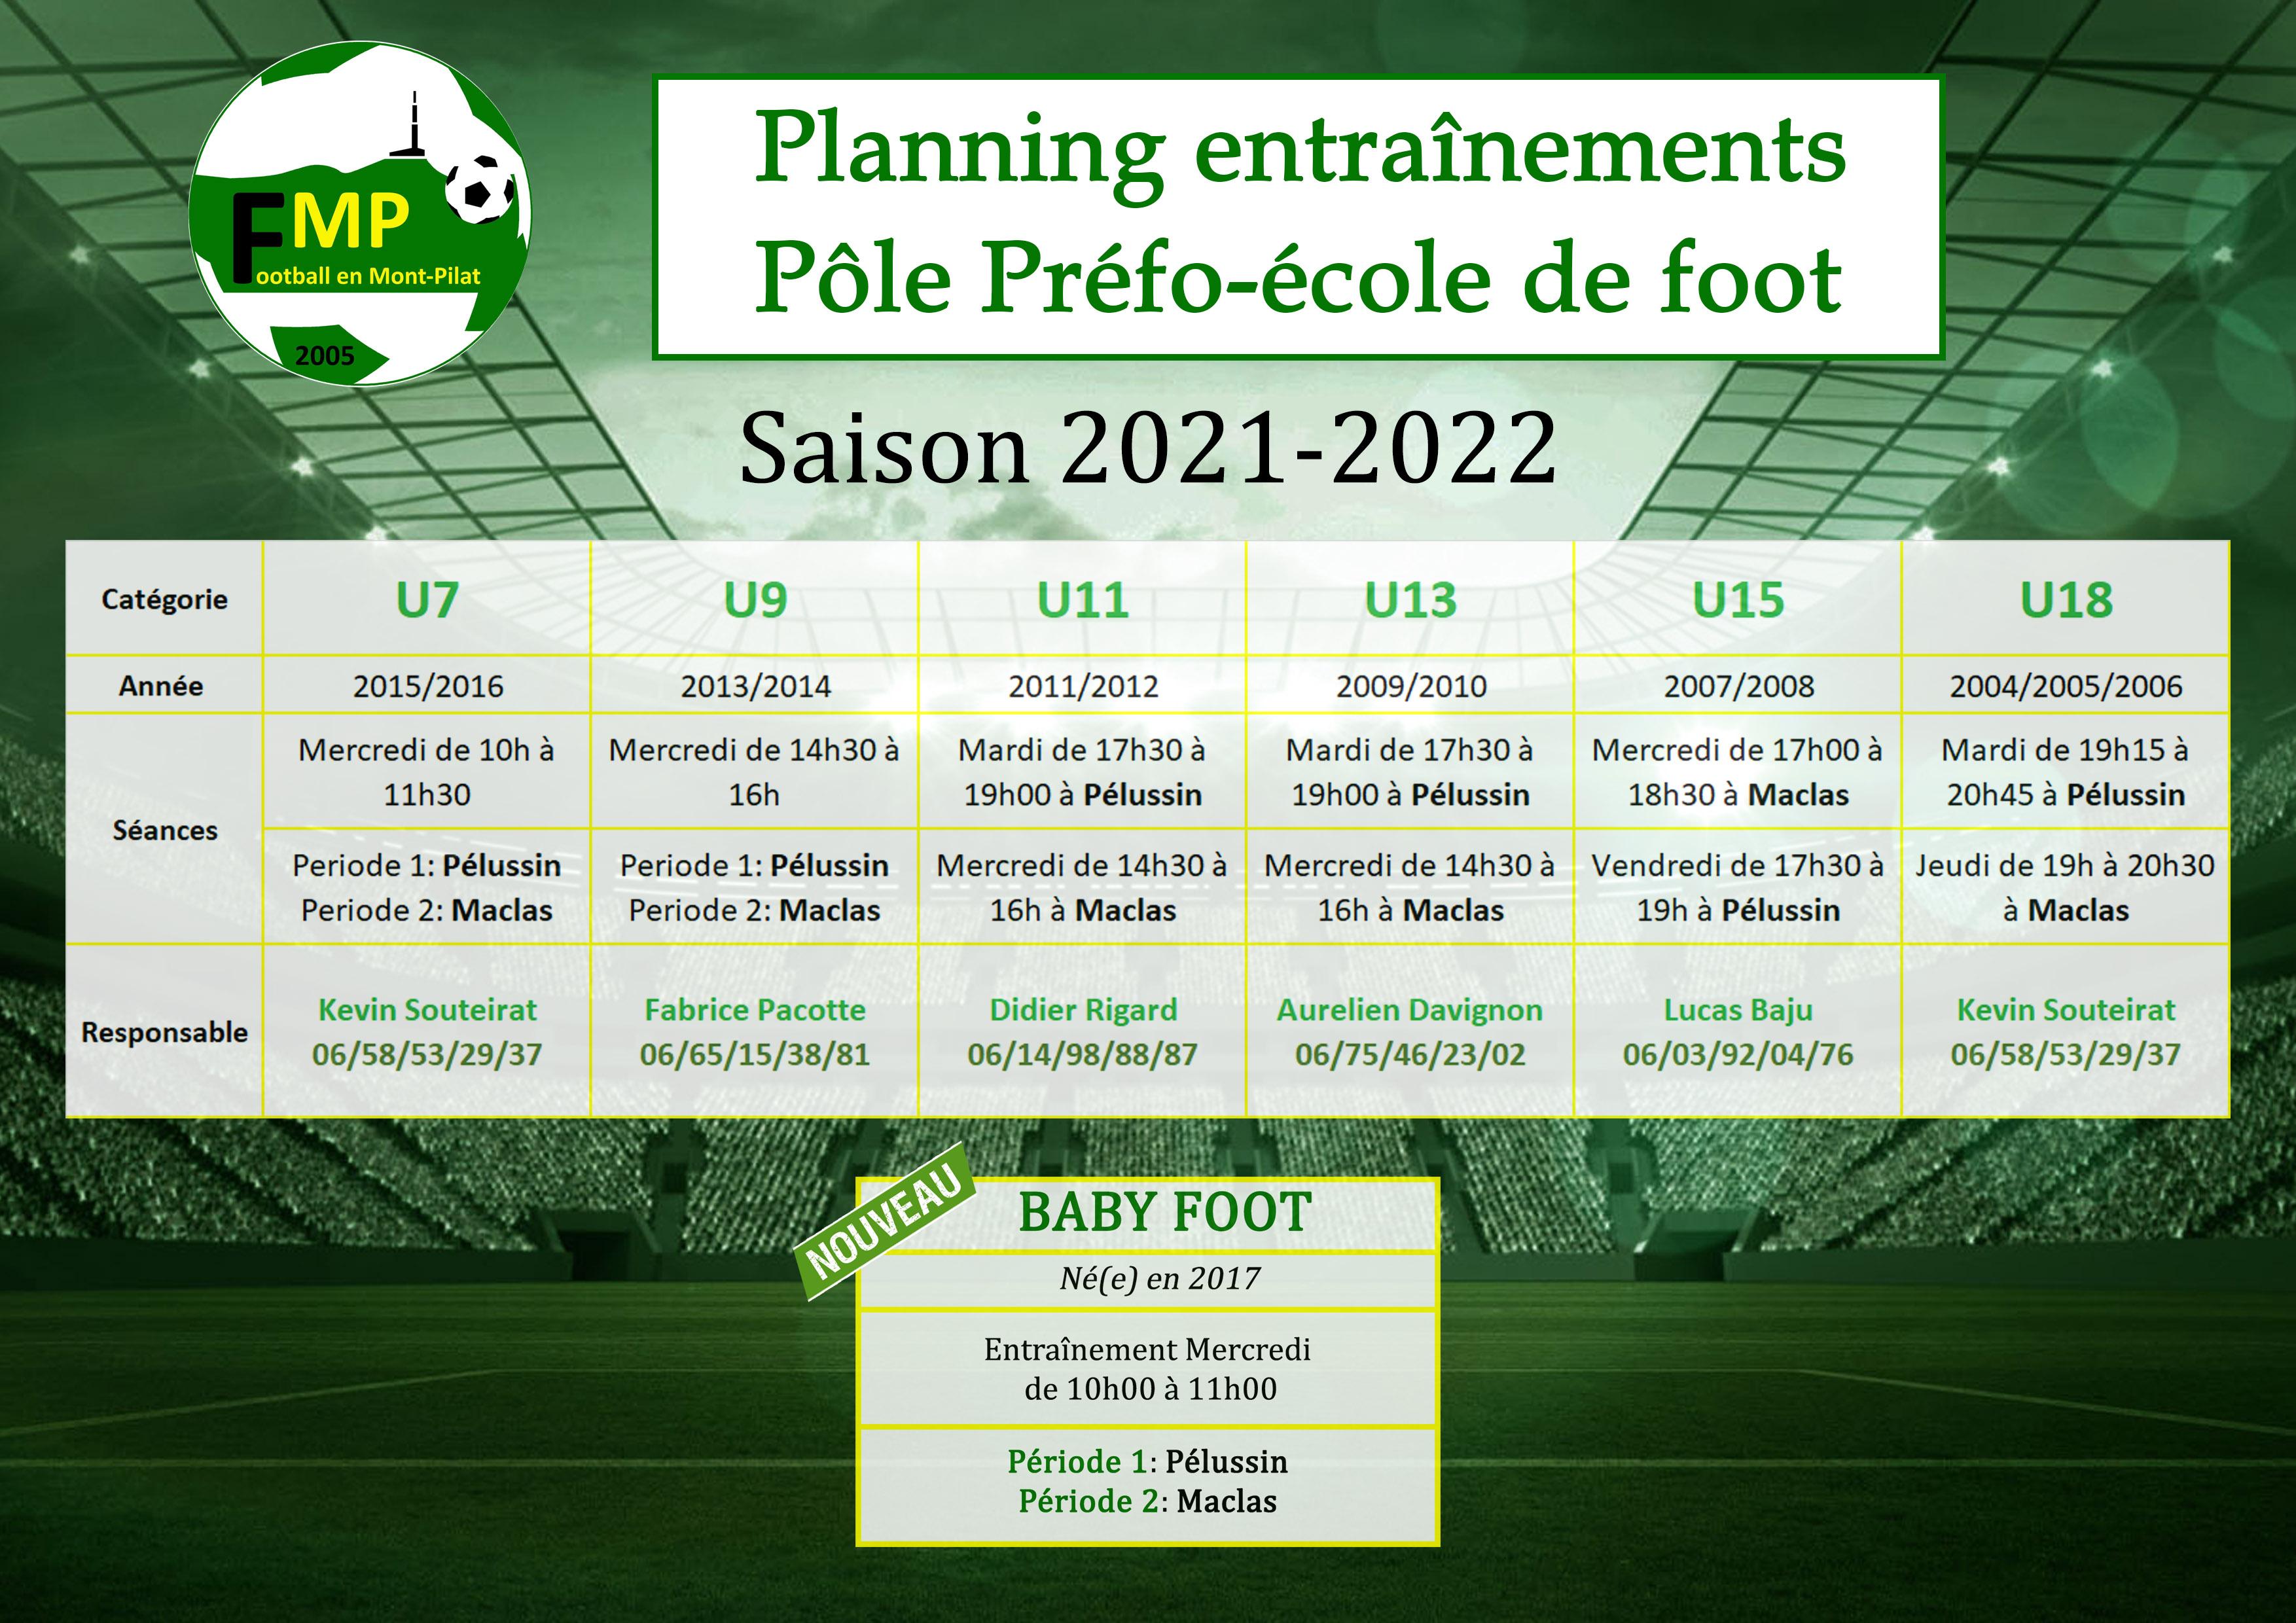 Planning entraînement 2021.2022.jpg